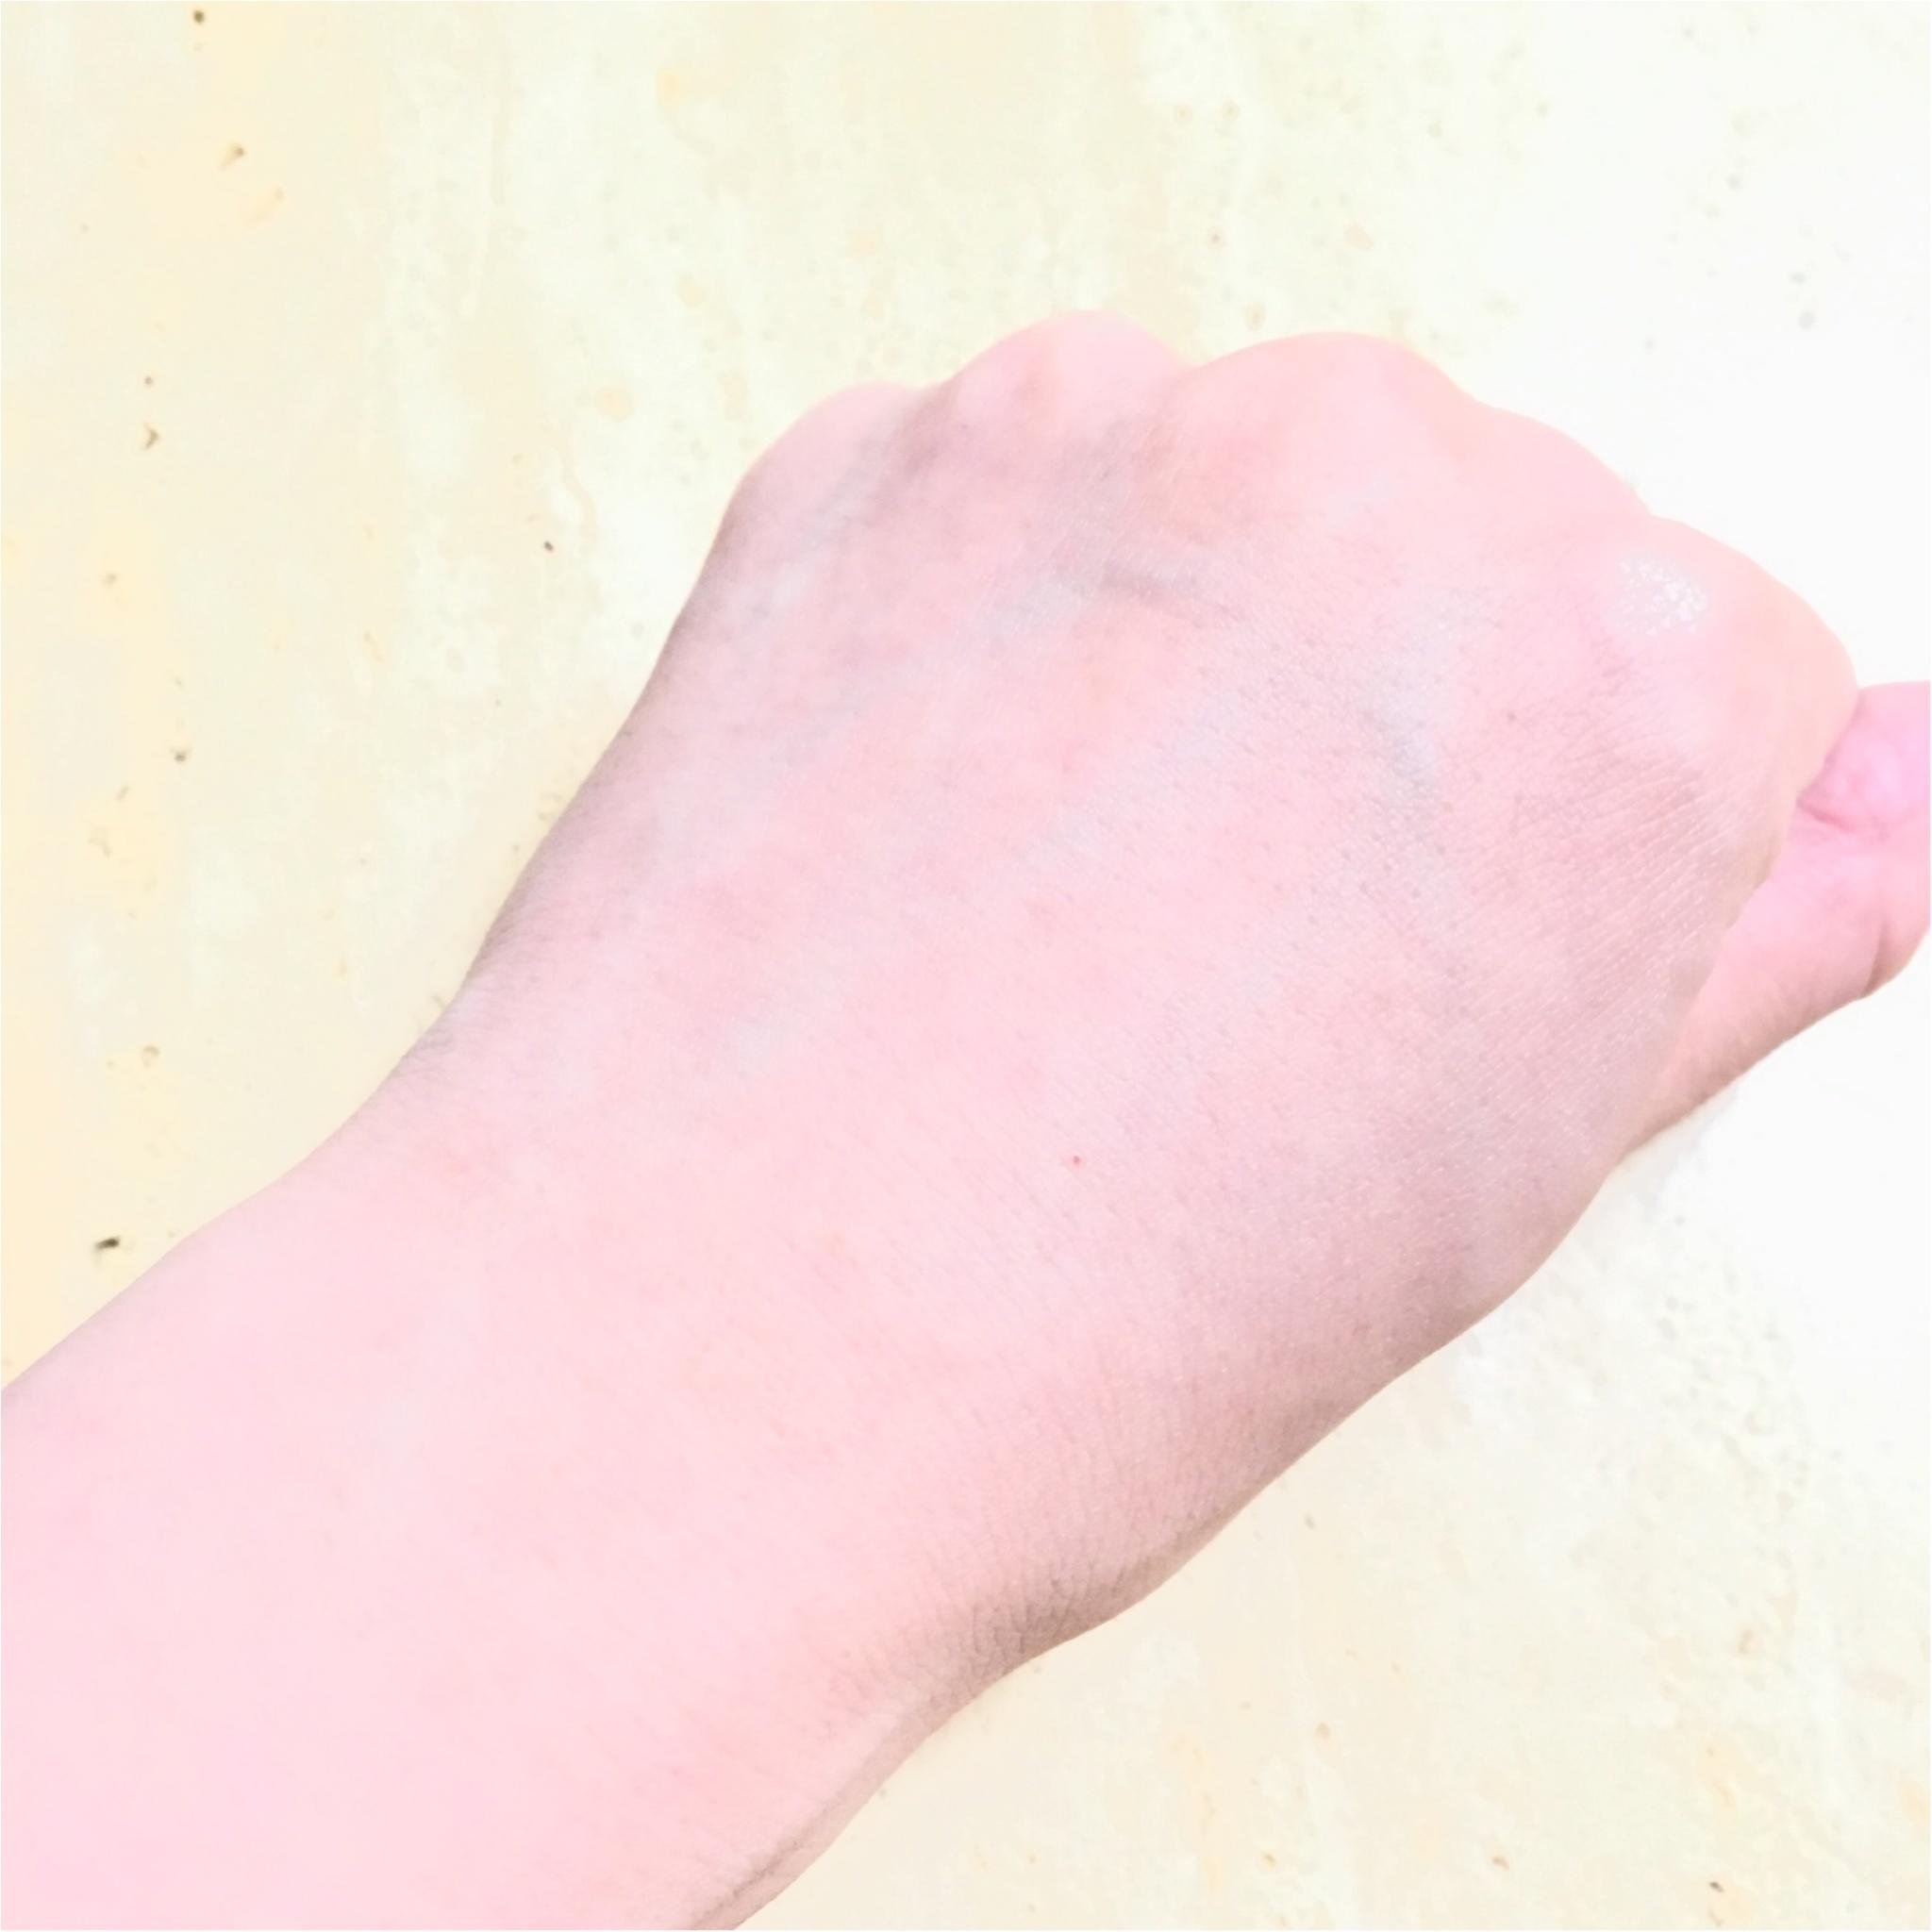 【美容】おすすめパック❤︎ブラックゲルパック_5